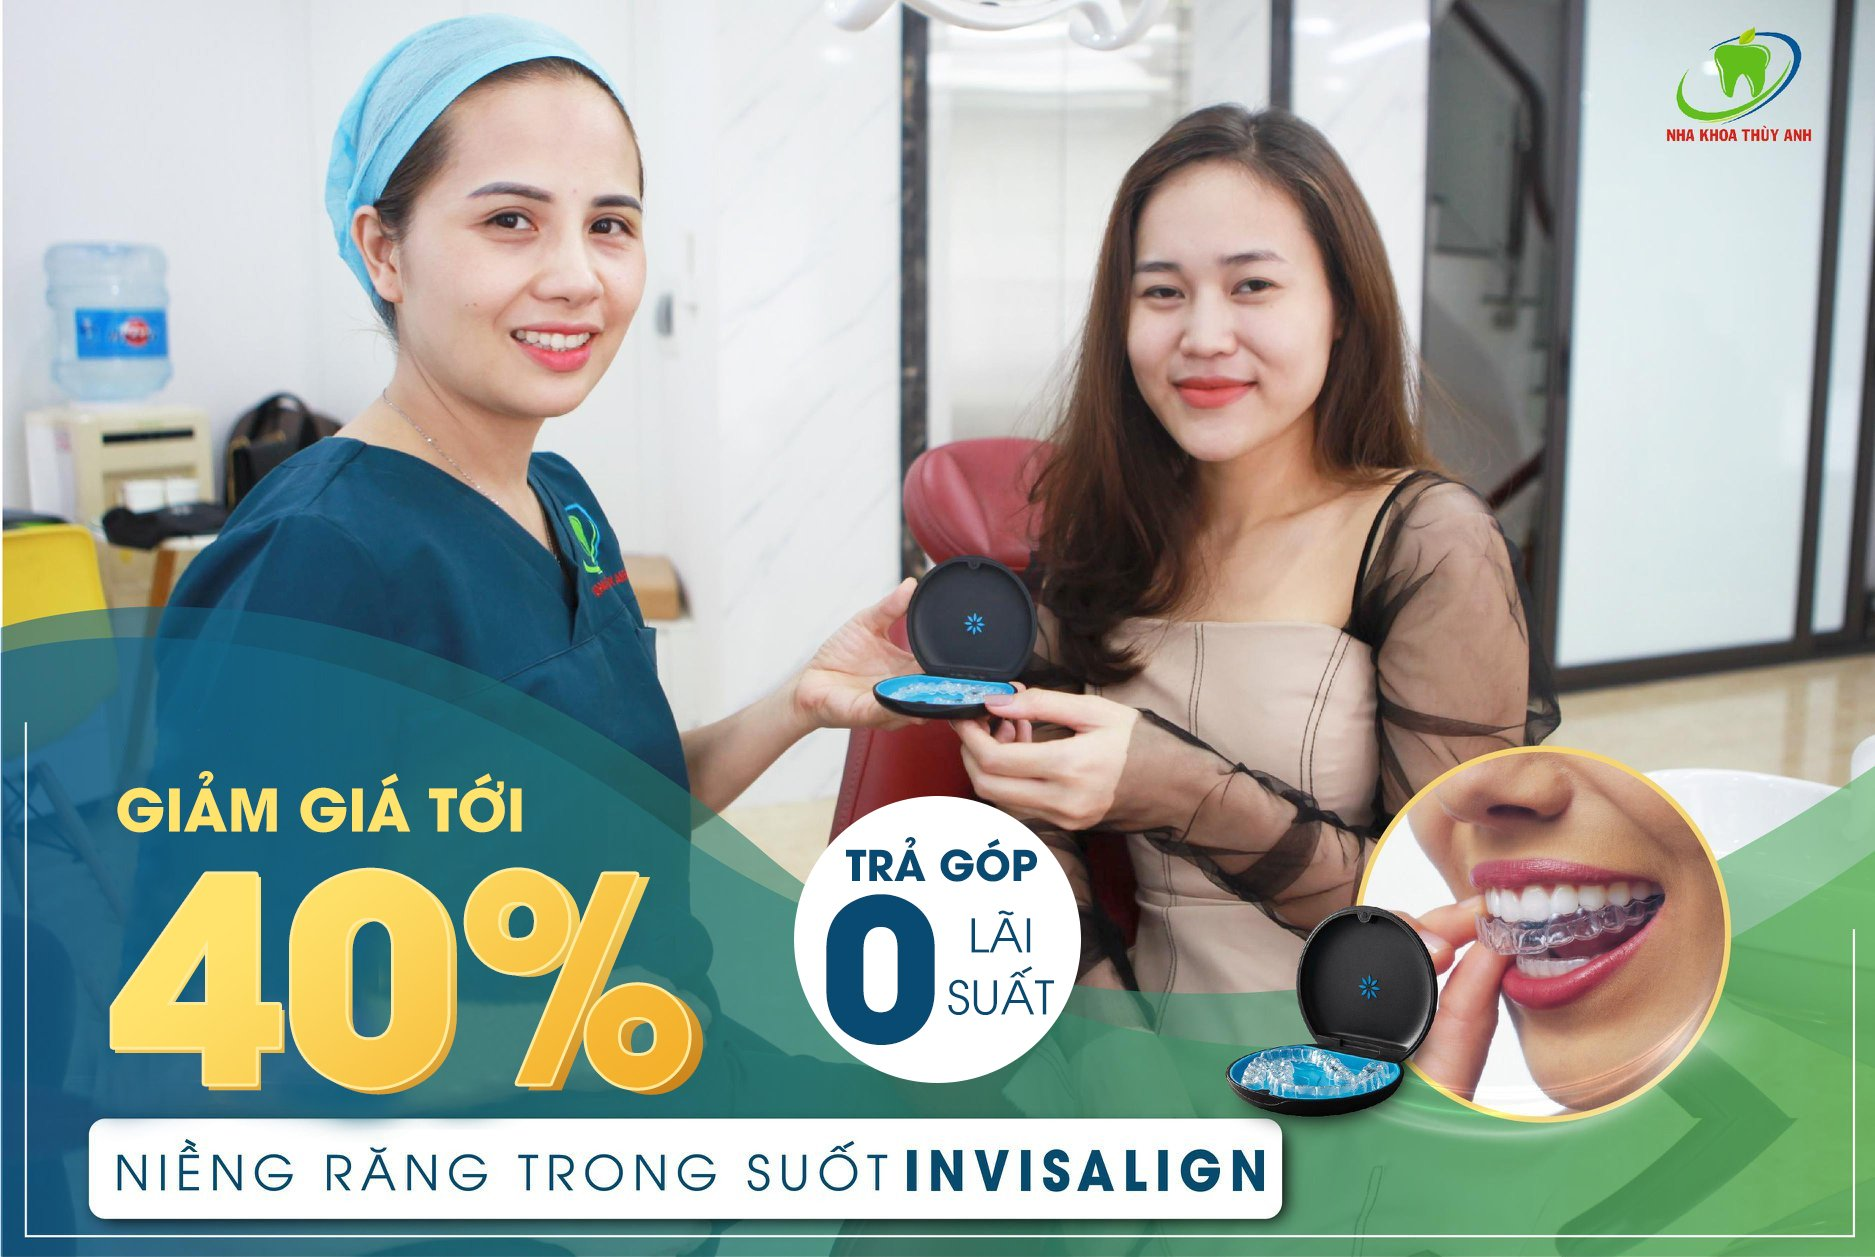 Địa chỉ niềng răng invisalign trả góp uy tín số 1 Hà Nội